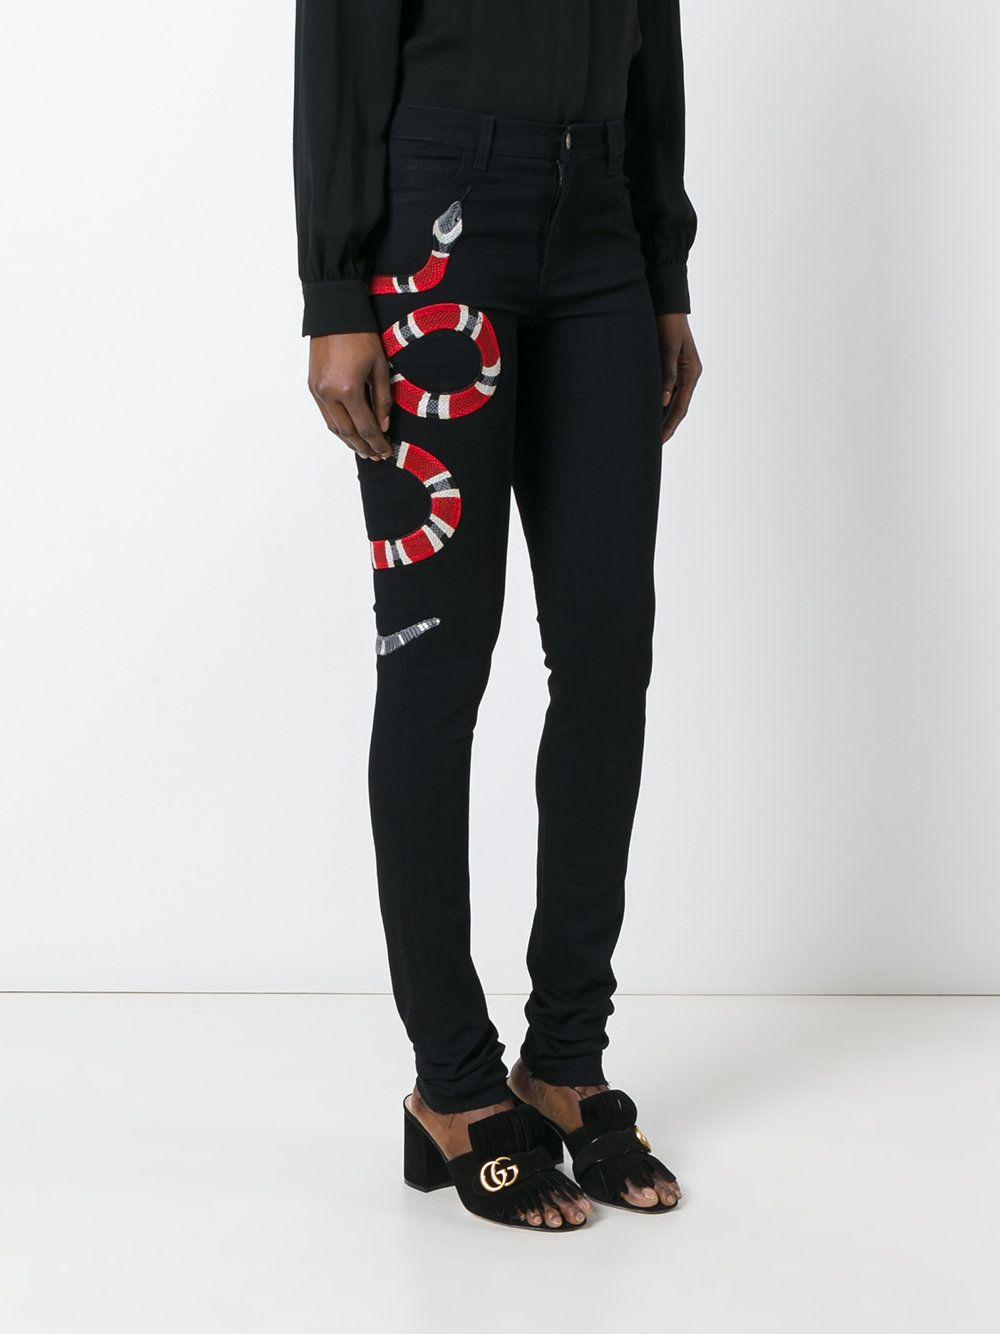 gucci snake embroidered skinny jeans fashion pinterest cols mode femme et v tements. Black Bedroom Furniture Sets. Home Design Ideas